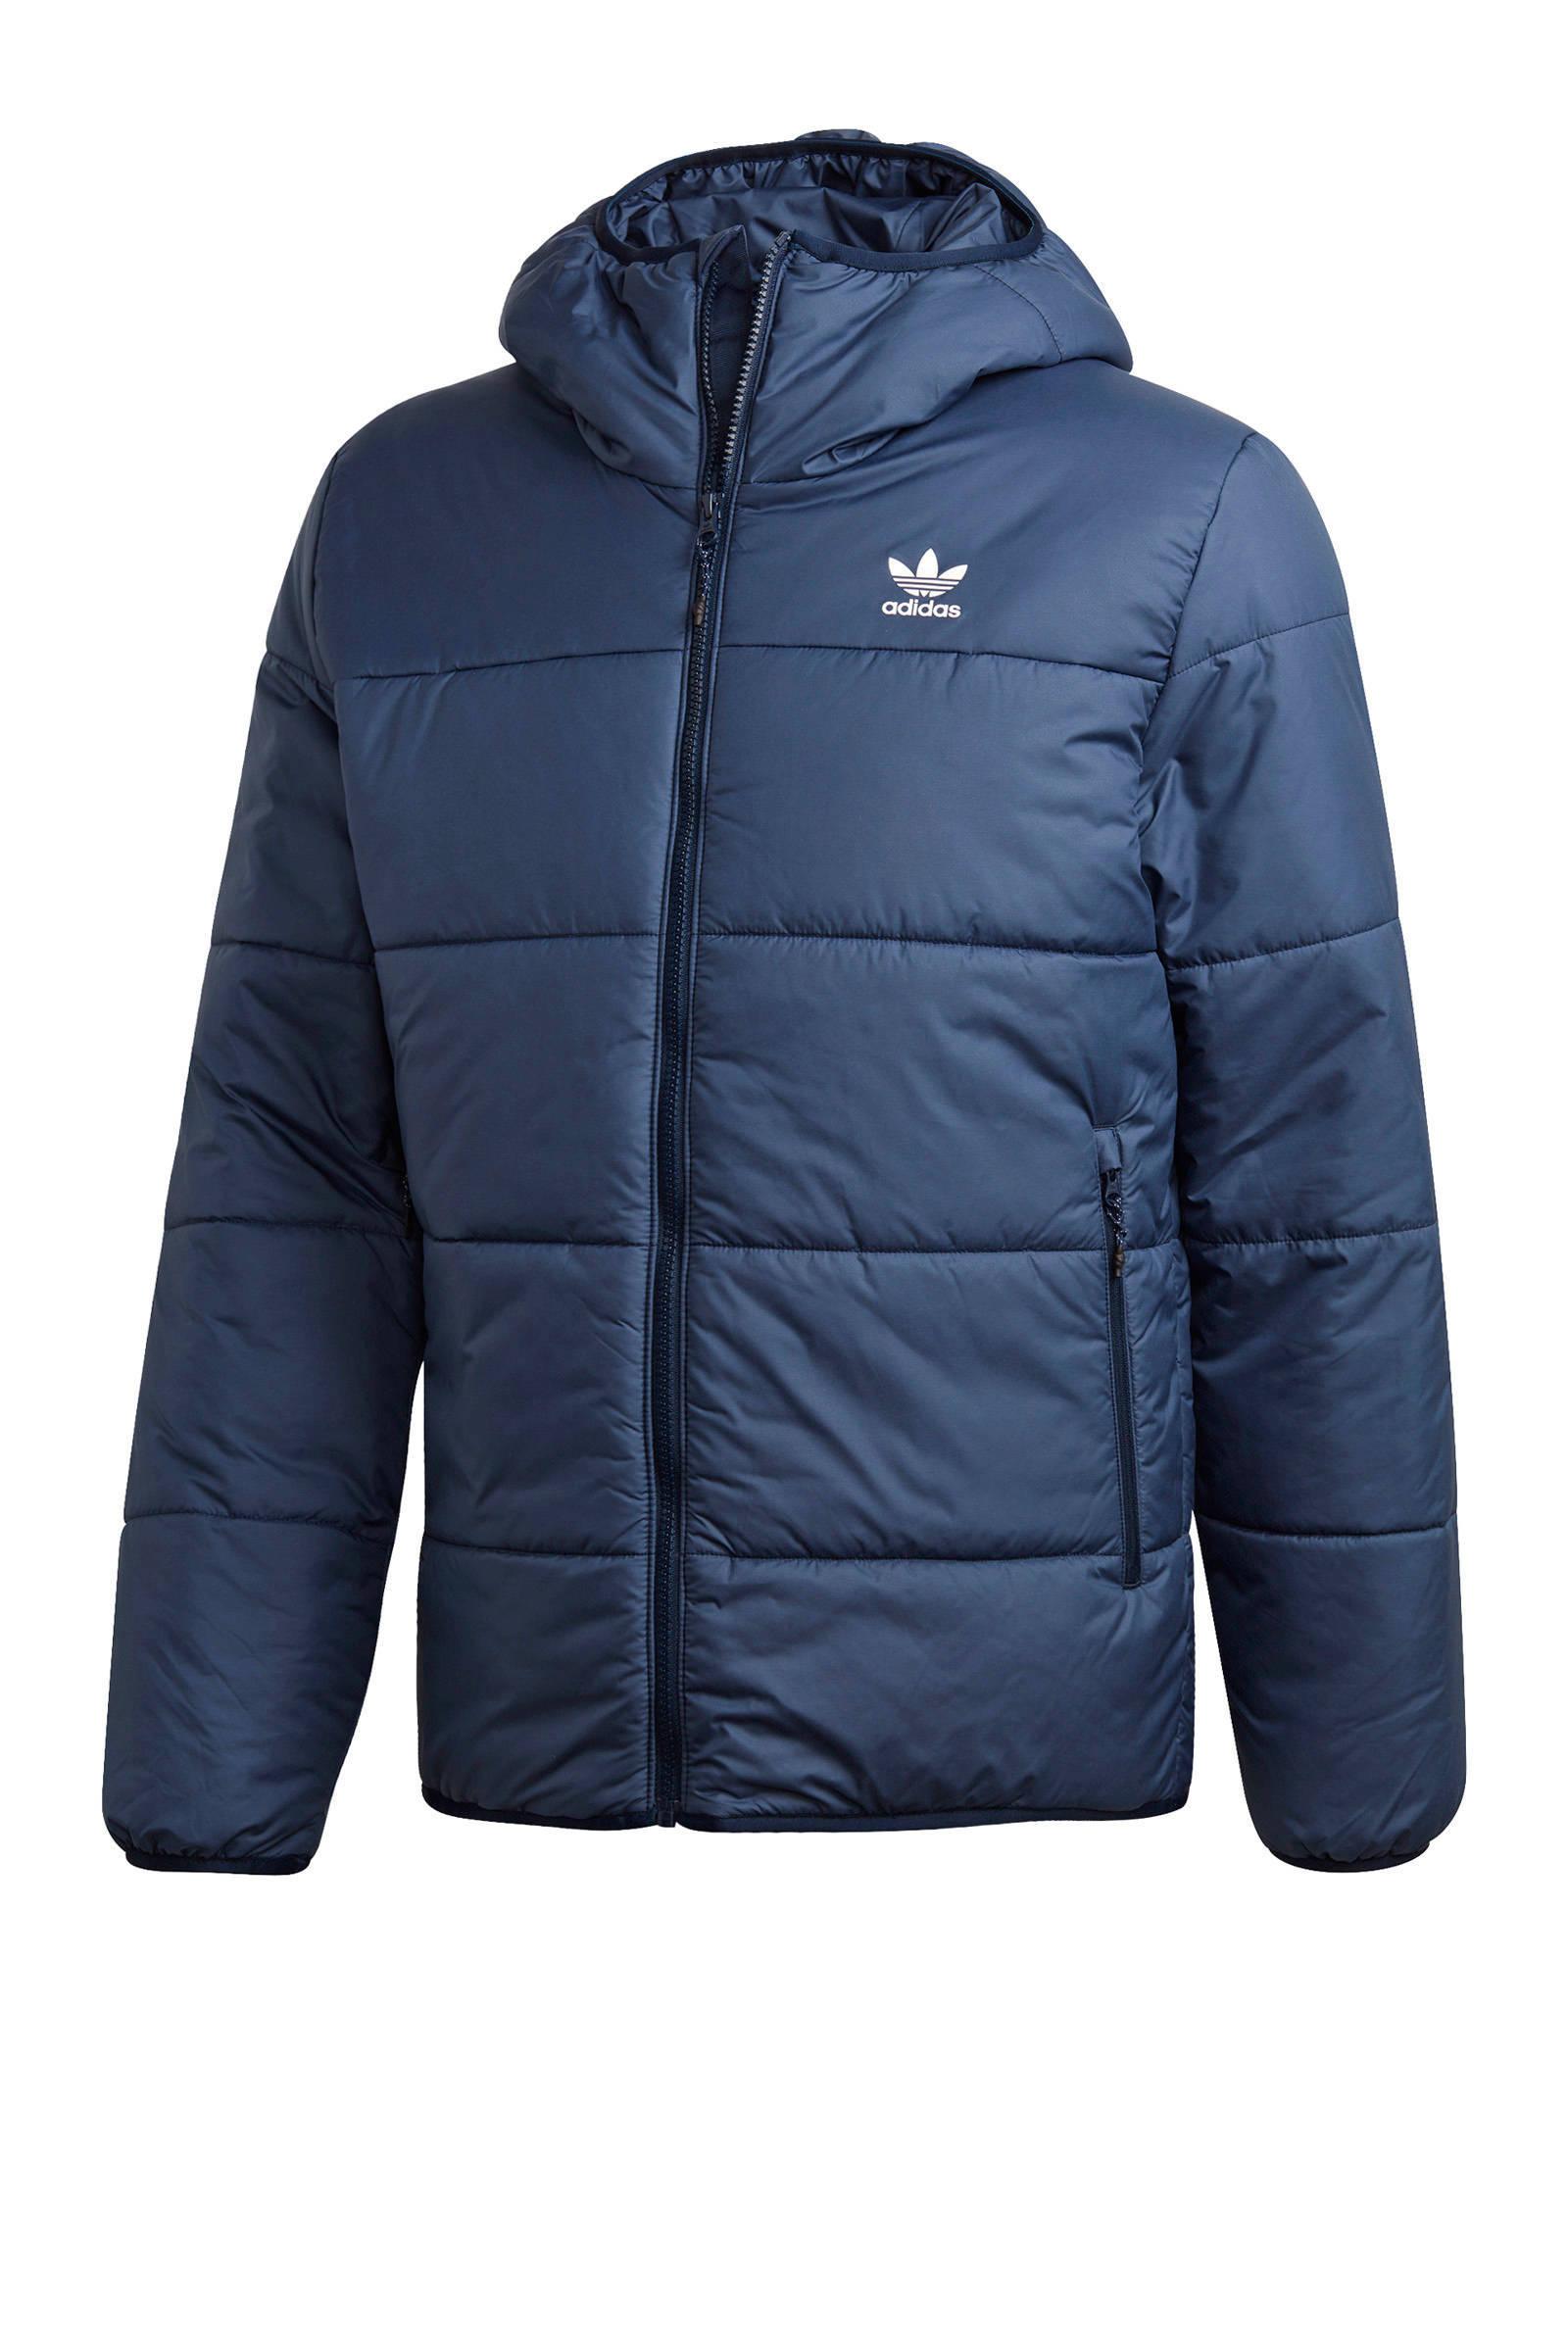 adidas Originals heren jassen bij wehkamp Gratis bezorging